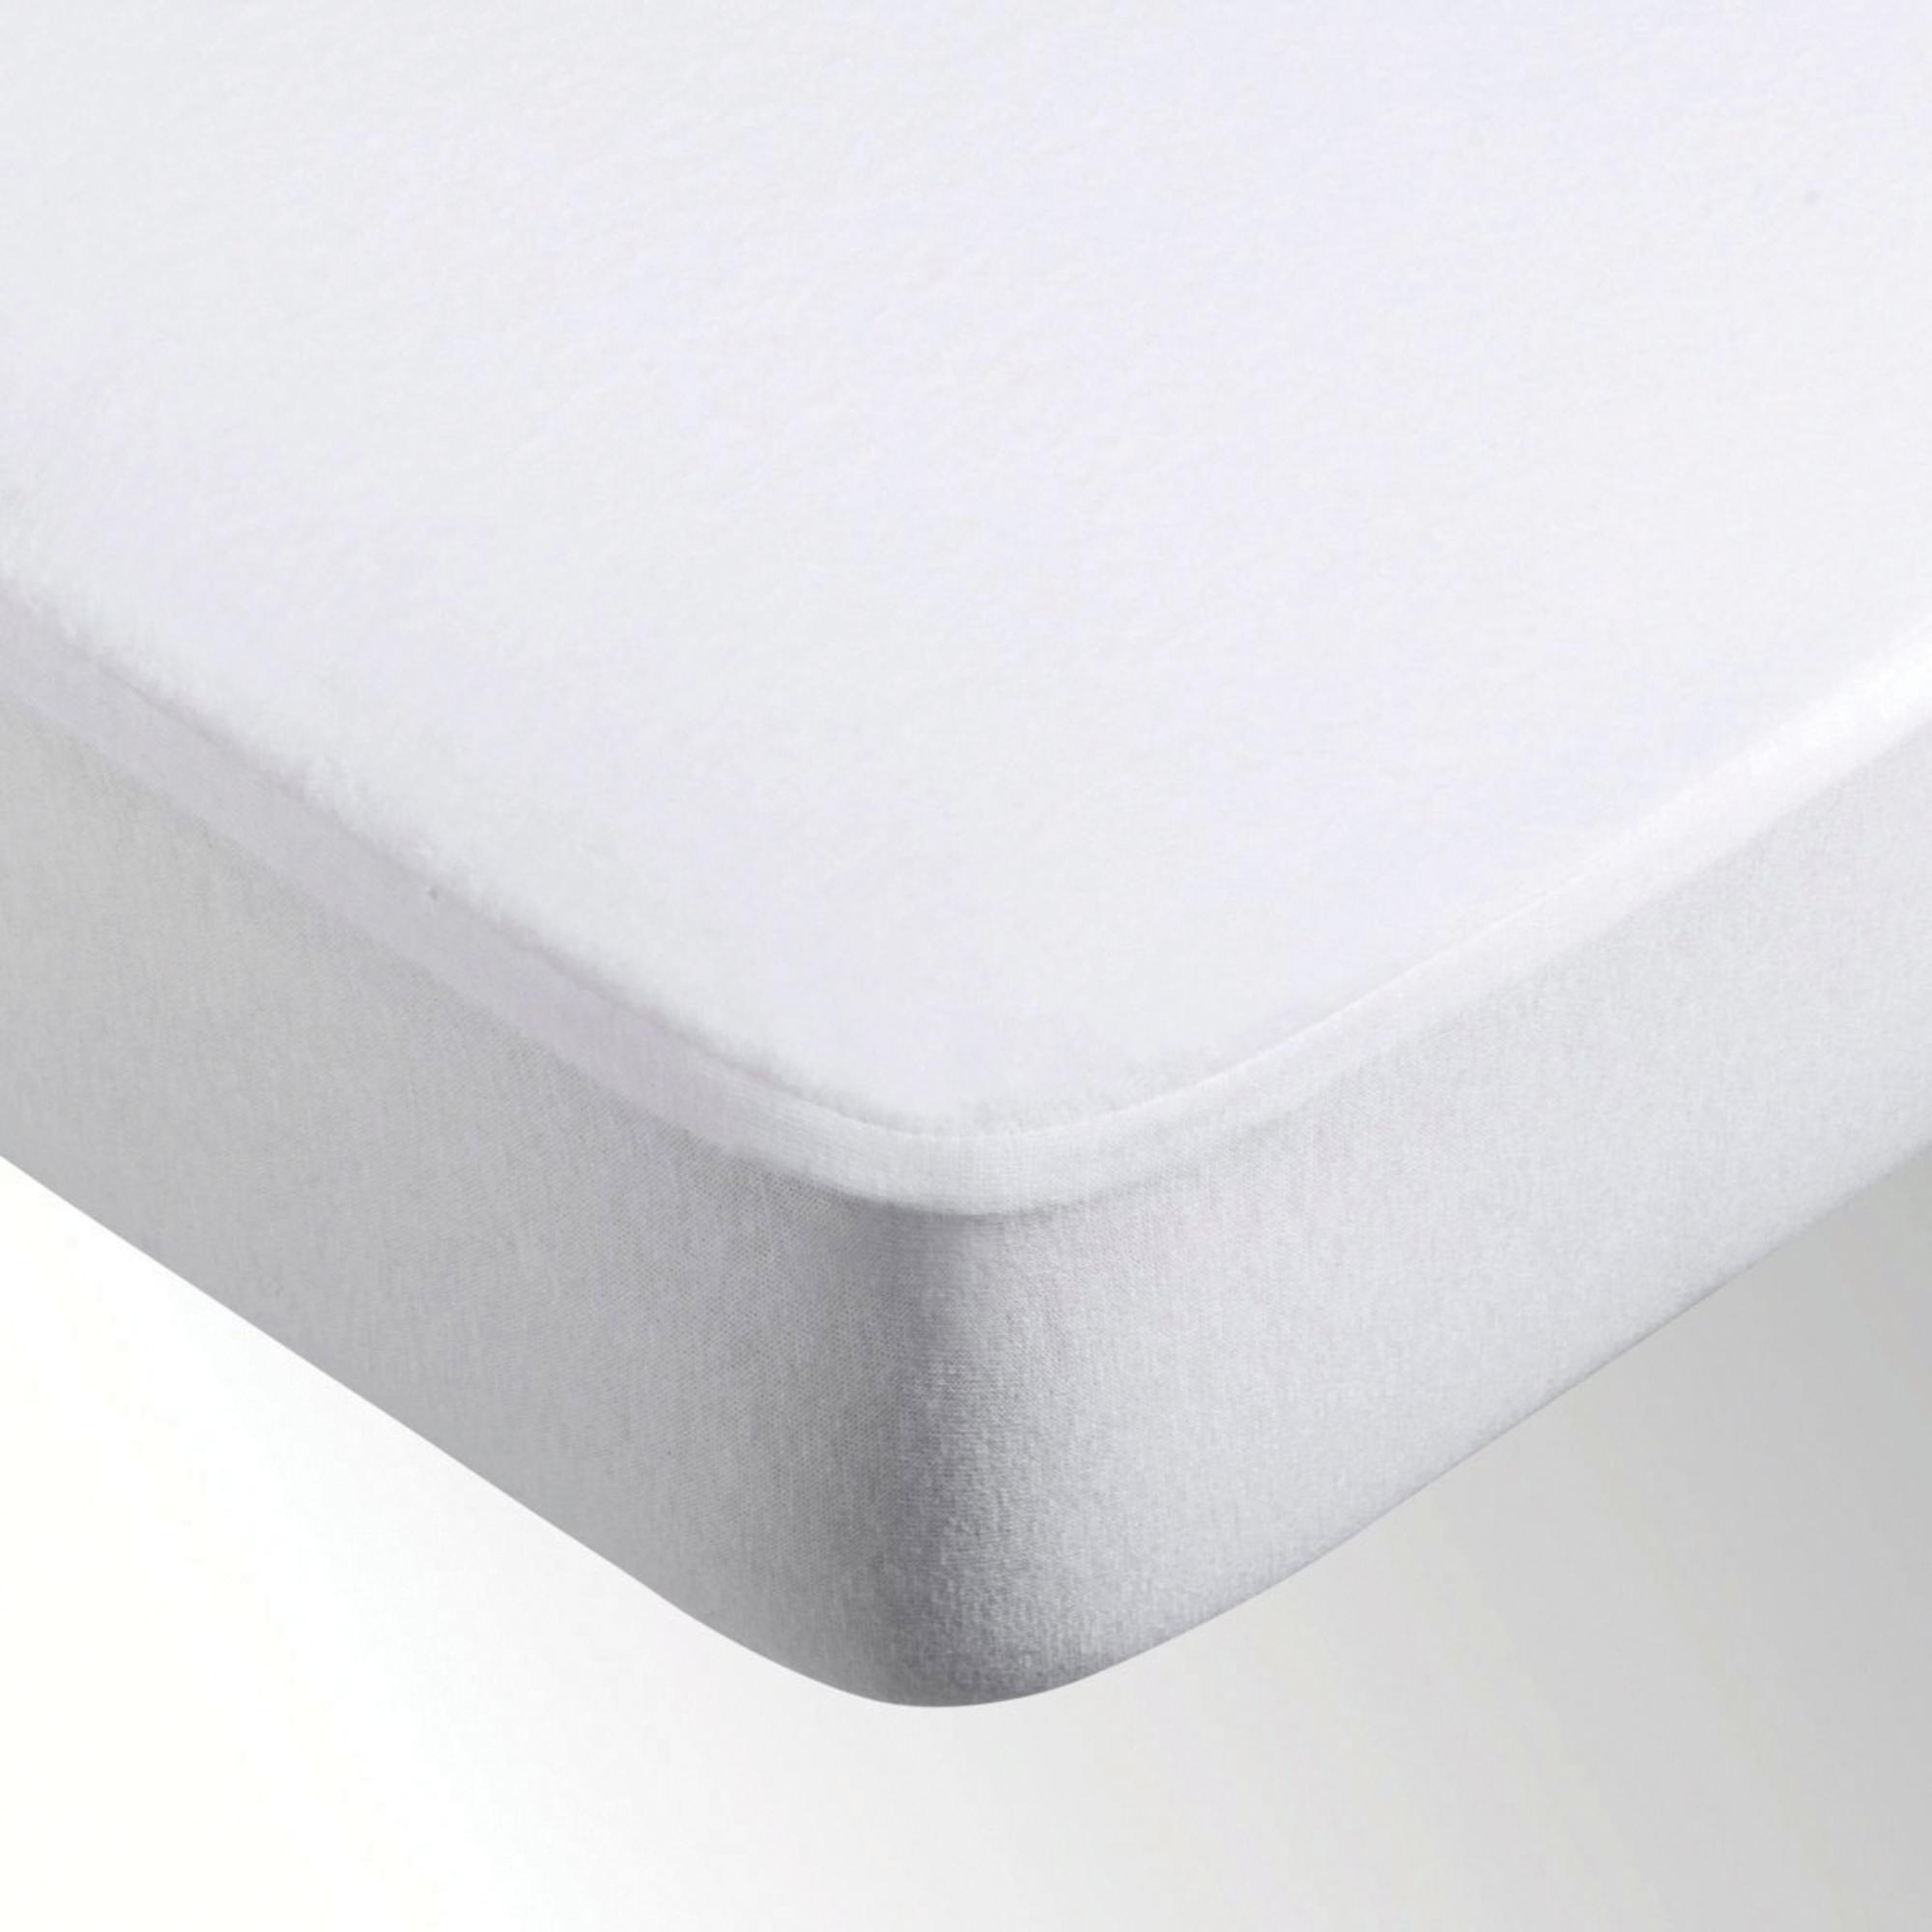 Protège-matelas Microfibre enduit Blanc 180 x 200 x 25